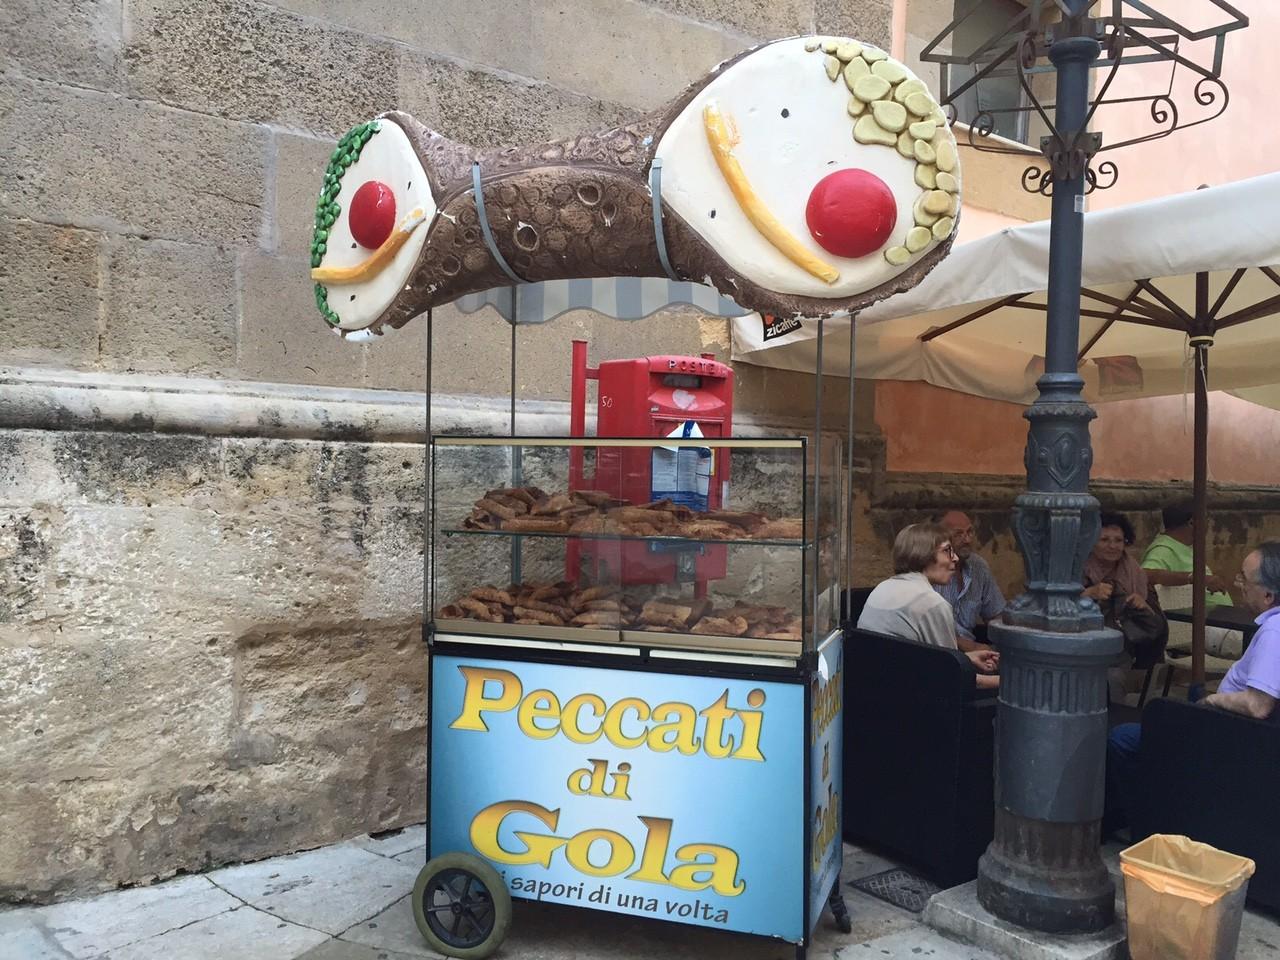 Cannolo - DIE sizlianische Dessert-Spezialität